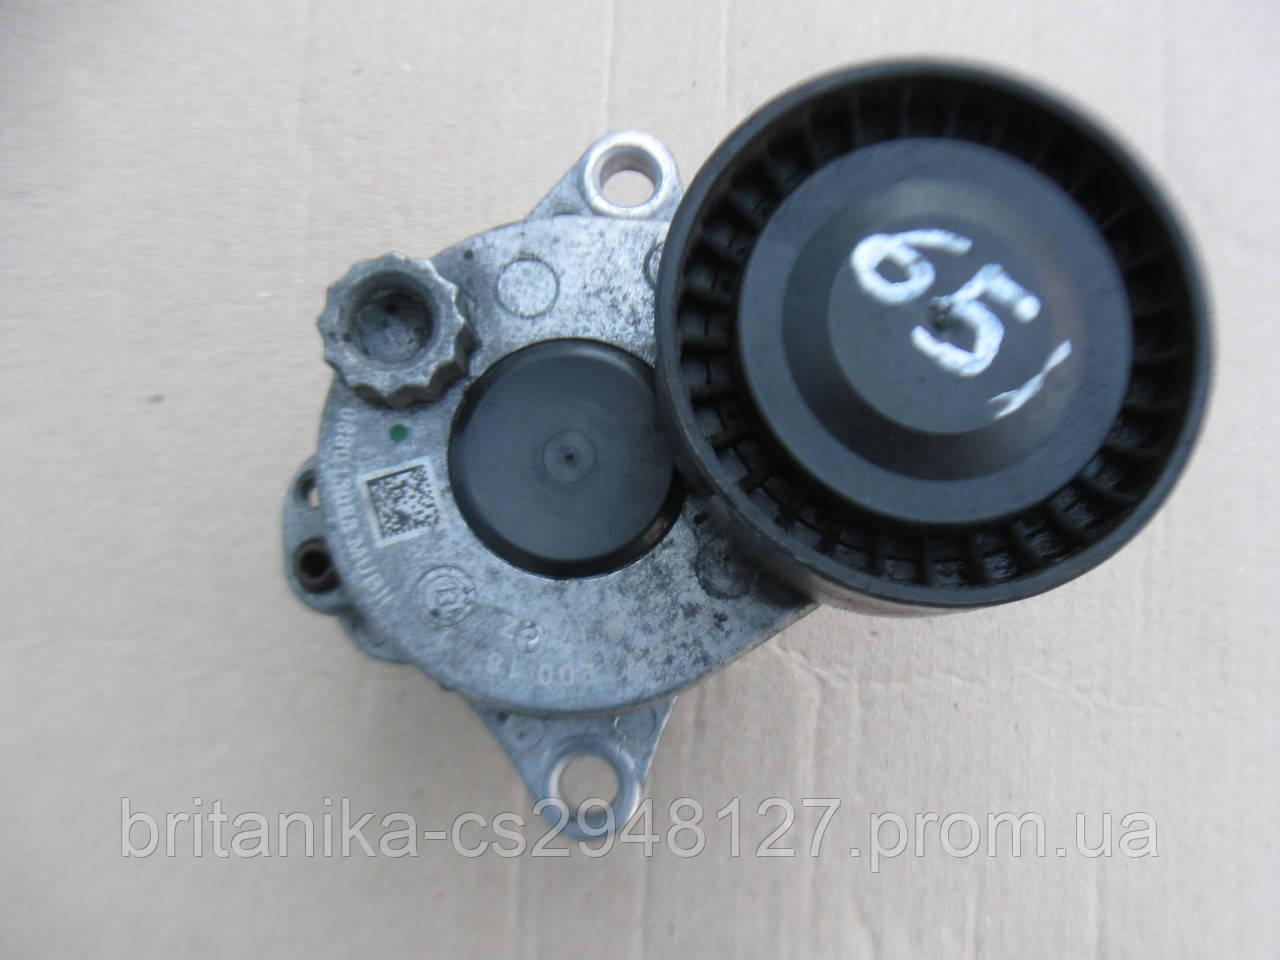 Натяжитель ремня Мерседес Вито 639 (651 двигатель 2.2cdi)